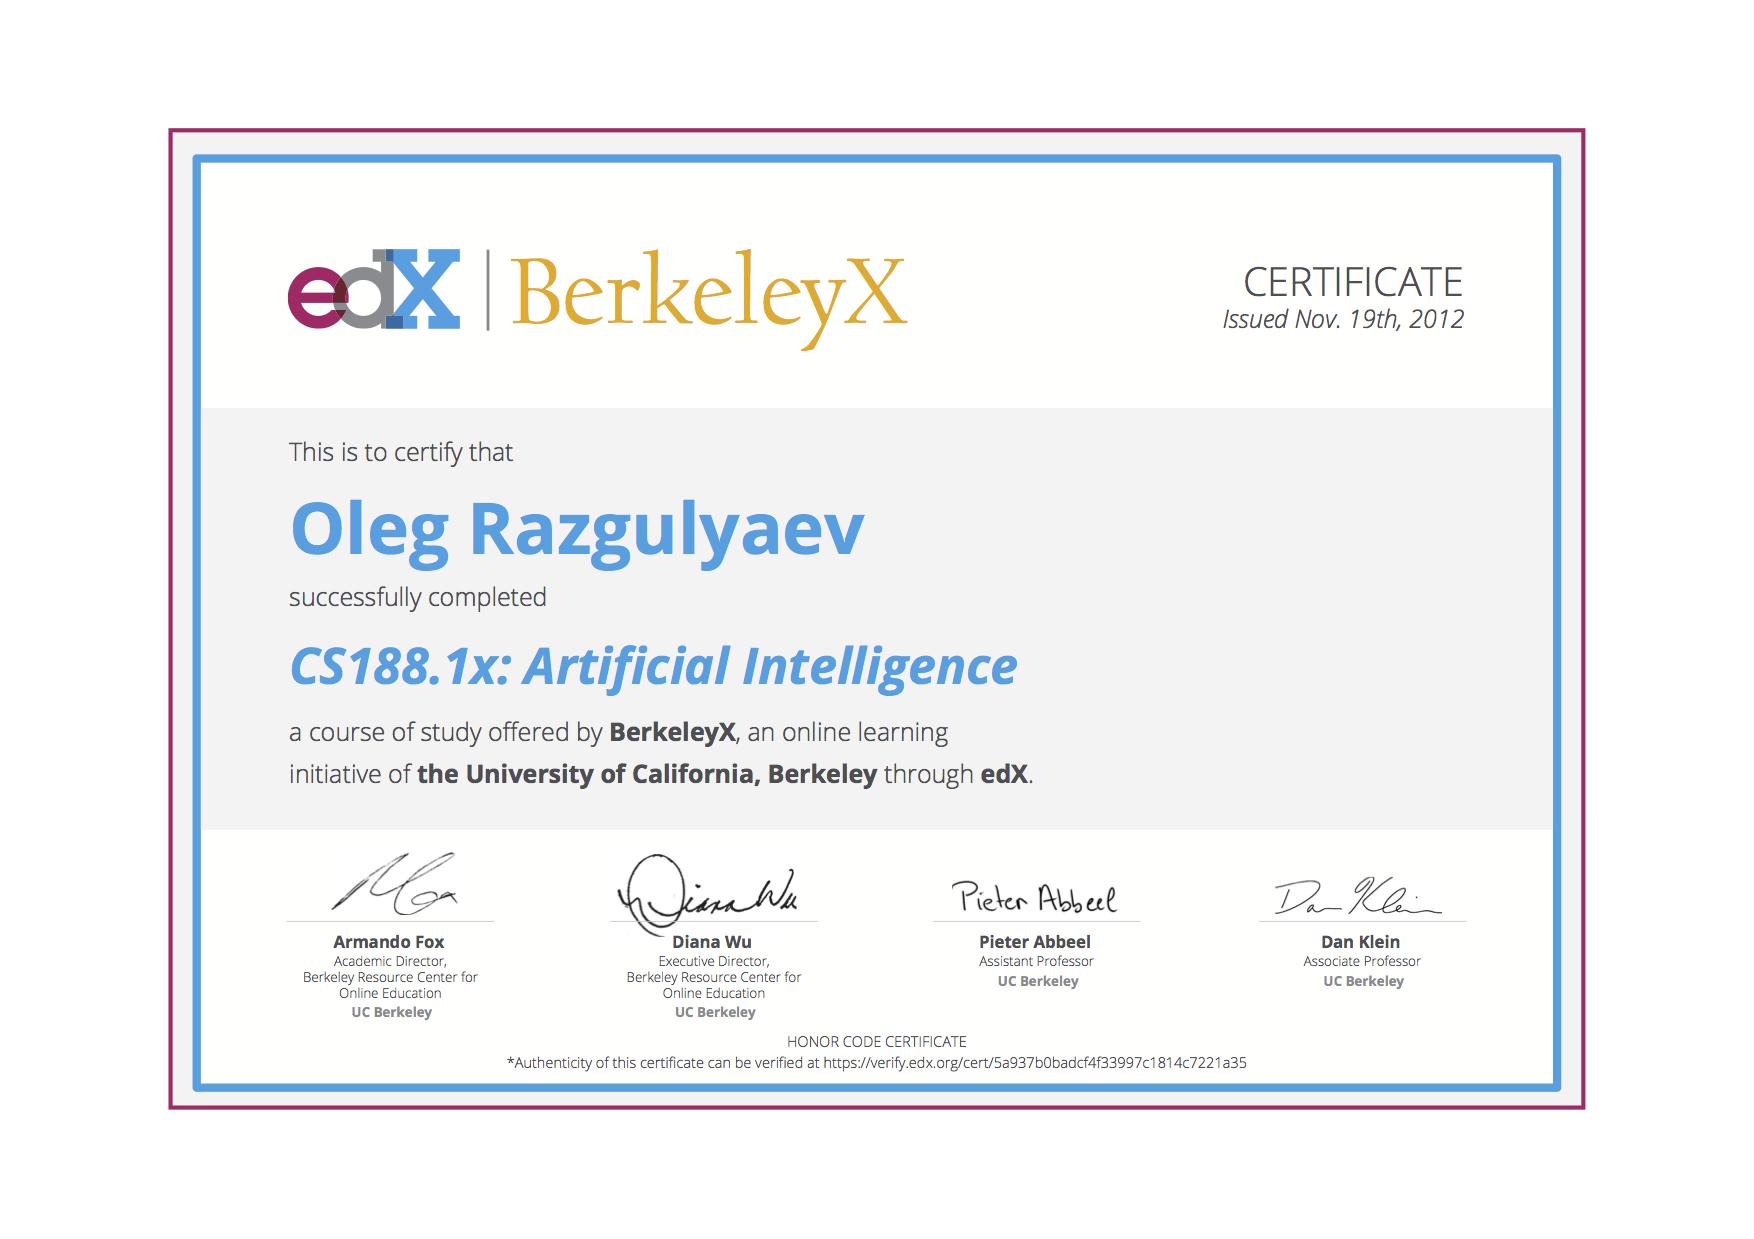 Oleg Razgulyaev's Certificates